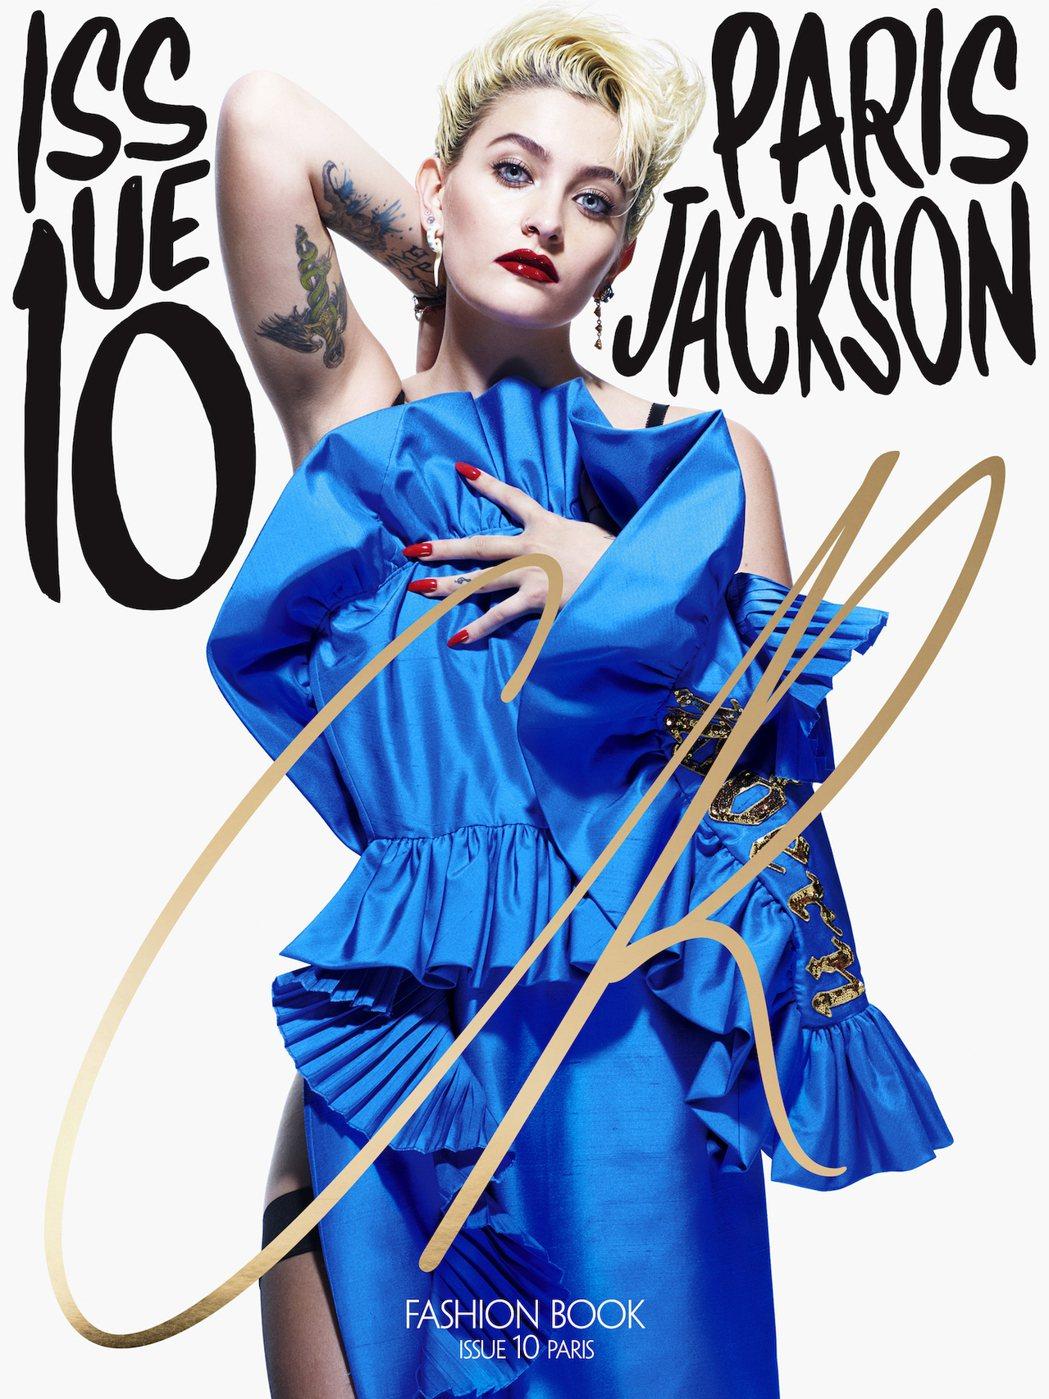 麥可傑克森的女兒派瑞絲傑克森,近日登上前法國版VOGUE雜誌總編輯Carine ...